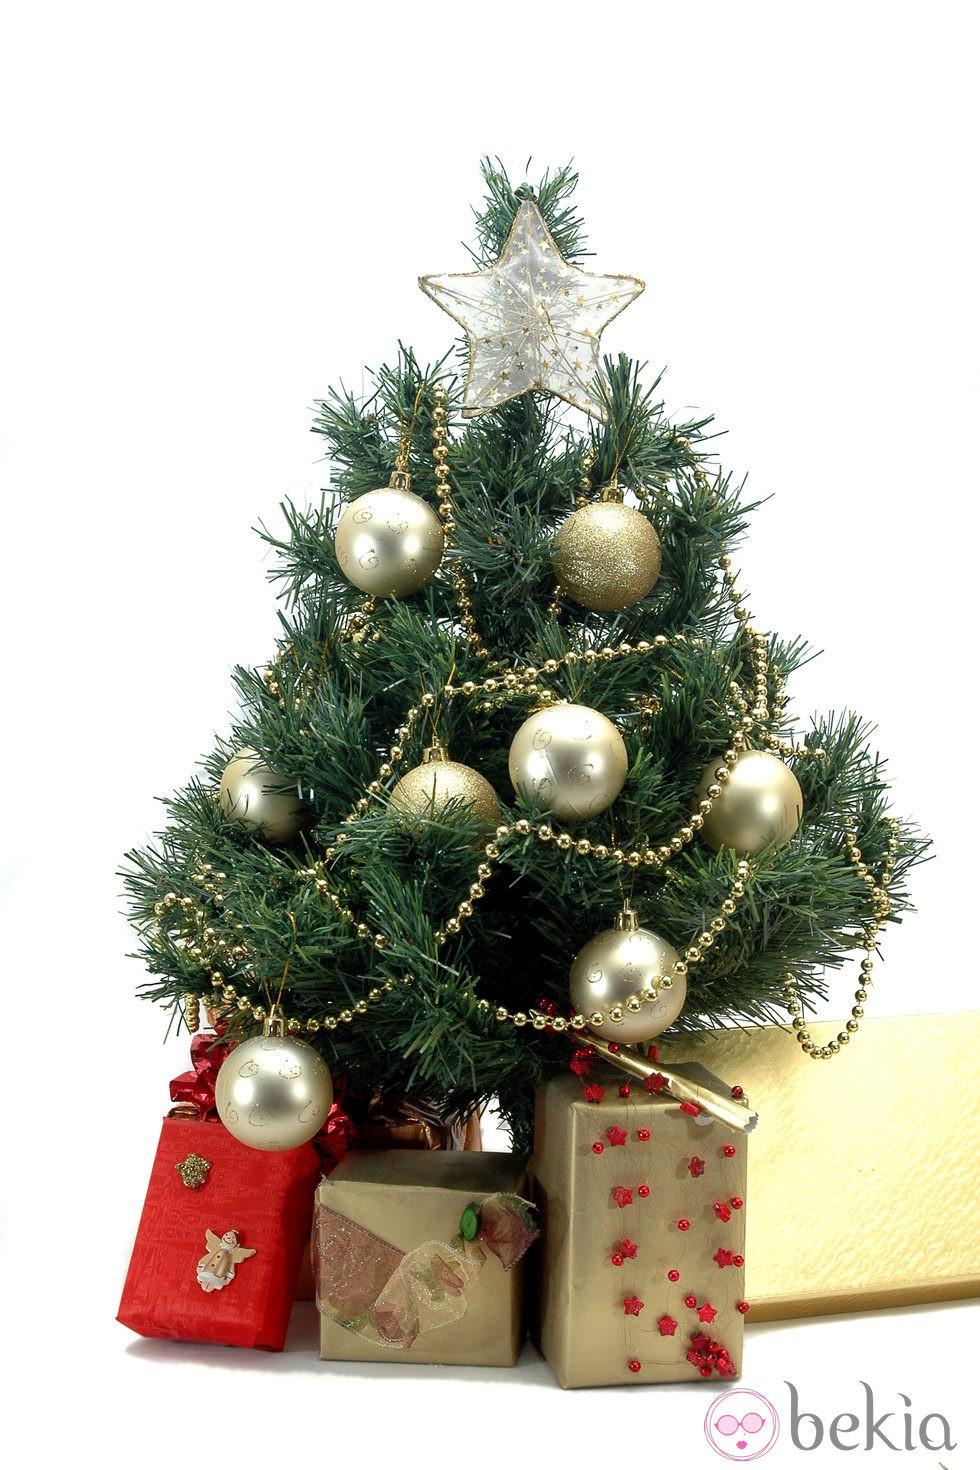 Rbol de navidad decorado en color dorado fotos en bekia - Arbol navidad colores ...